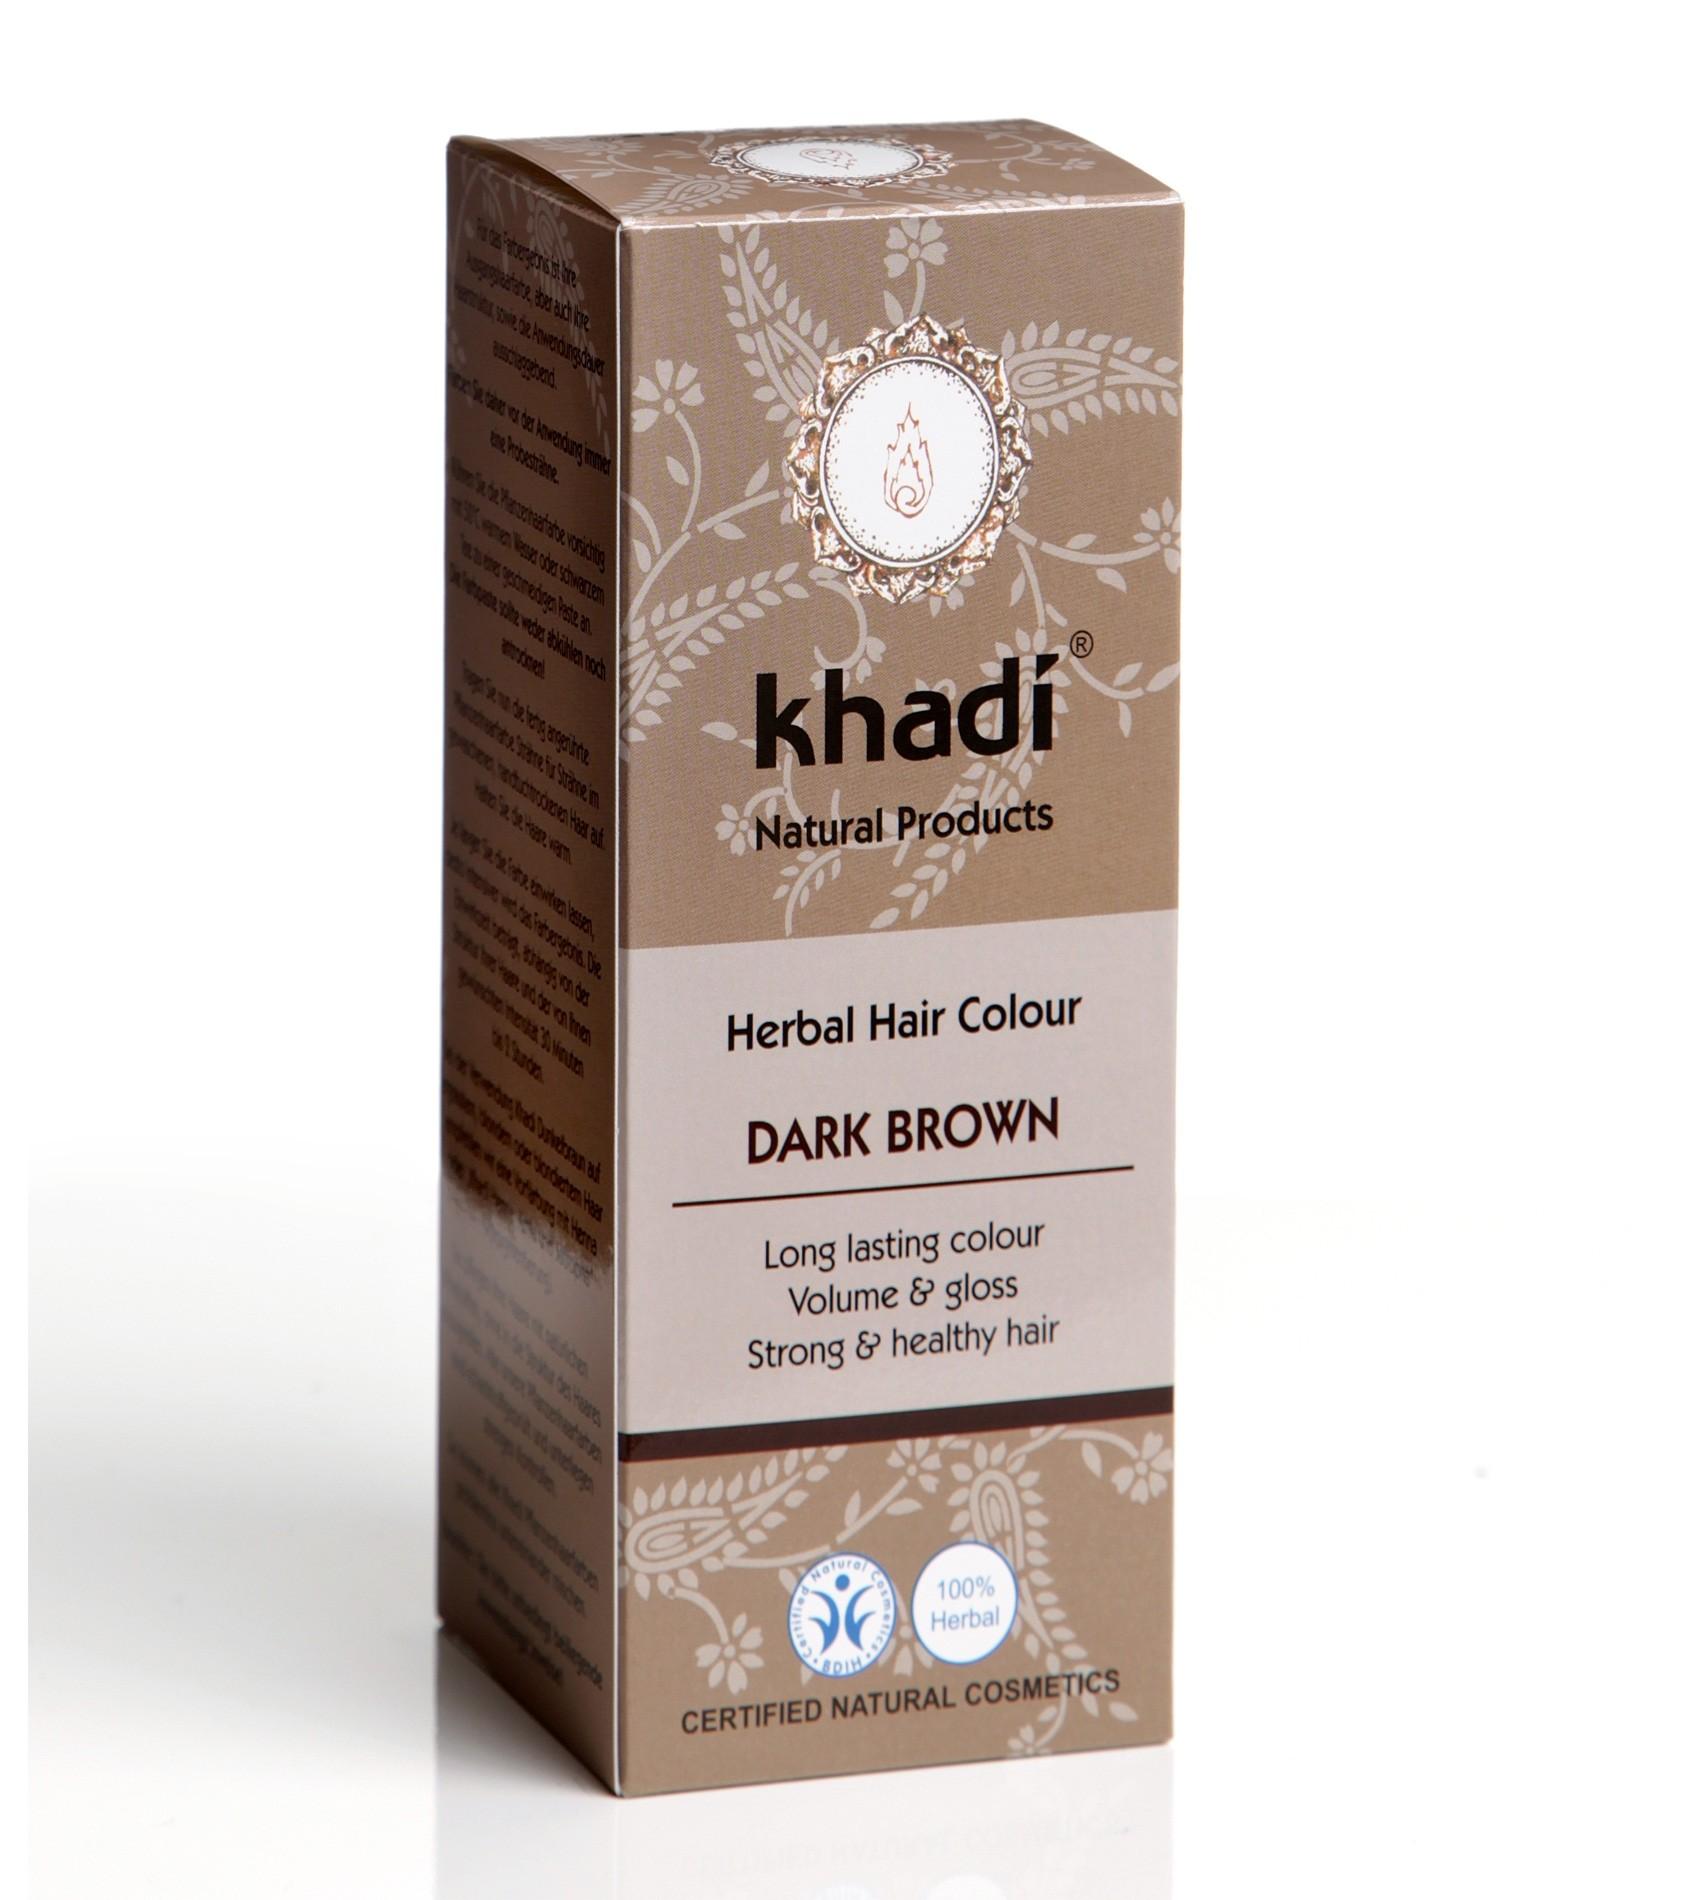 Khadi Herbal Hair Colour Dark Brown